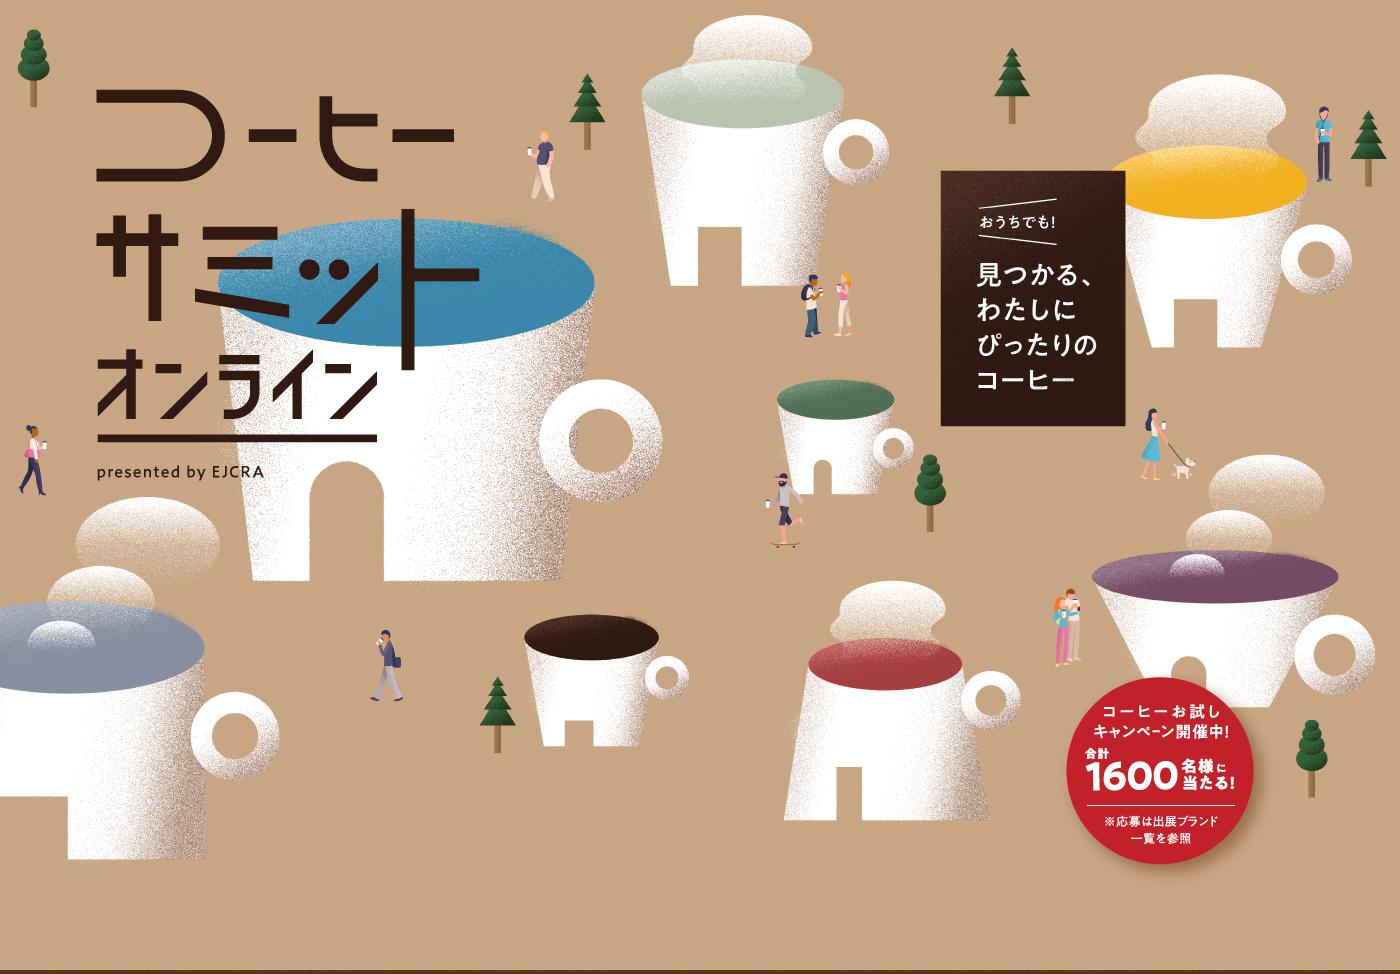 コーヒーサミットオンラインでコーヒー豆や粉が抽選で1600名に当たる。~2/2。